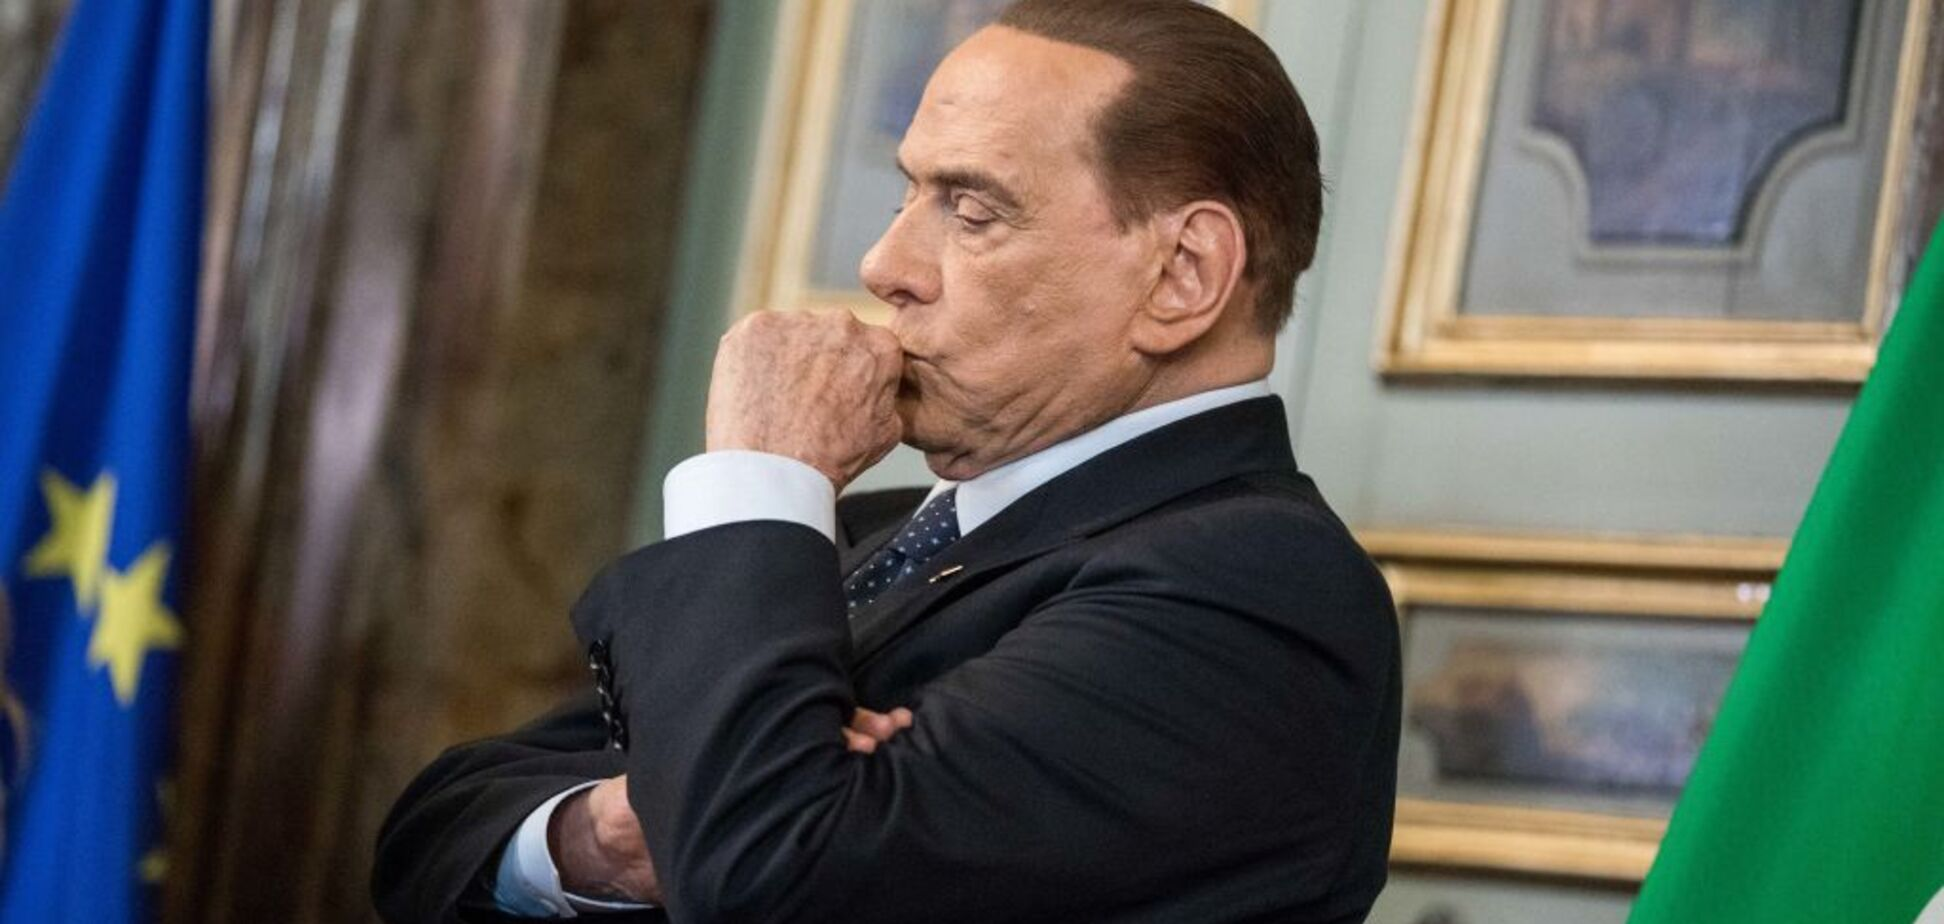 Берлускони экстренно госпитализирован в Милане